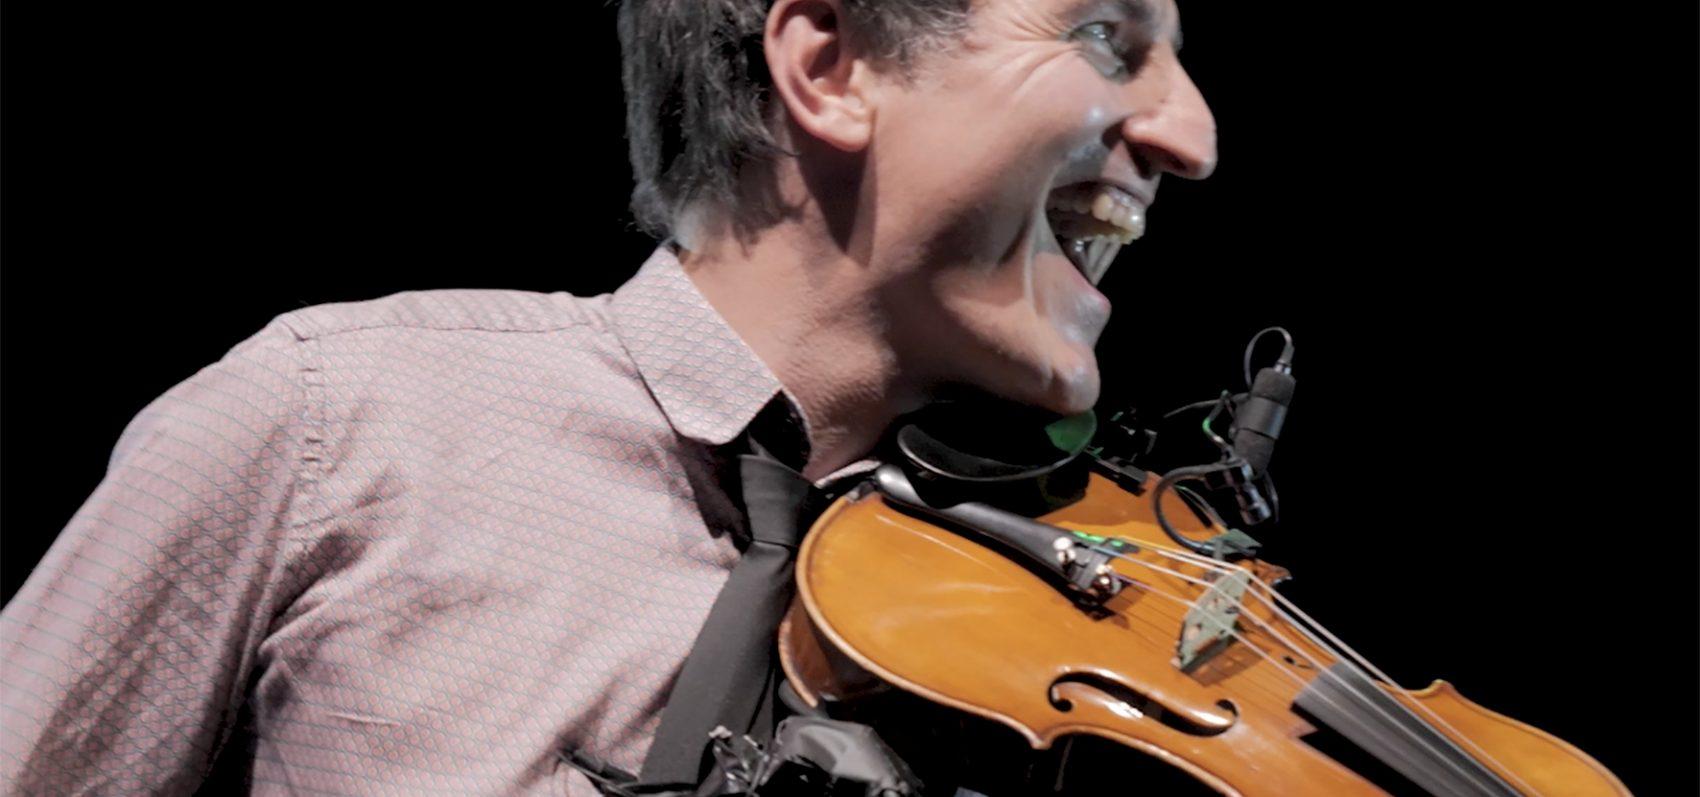 Soirée enchanteresse avec le conte musical de Yann-Gaël Poncet à la Chartreuse d'Aillon, le 18 juillet à 18h30